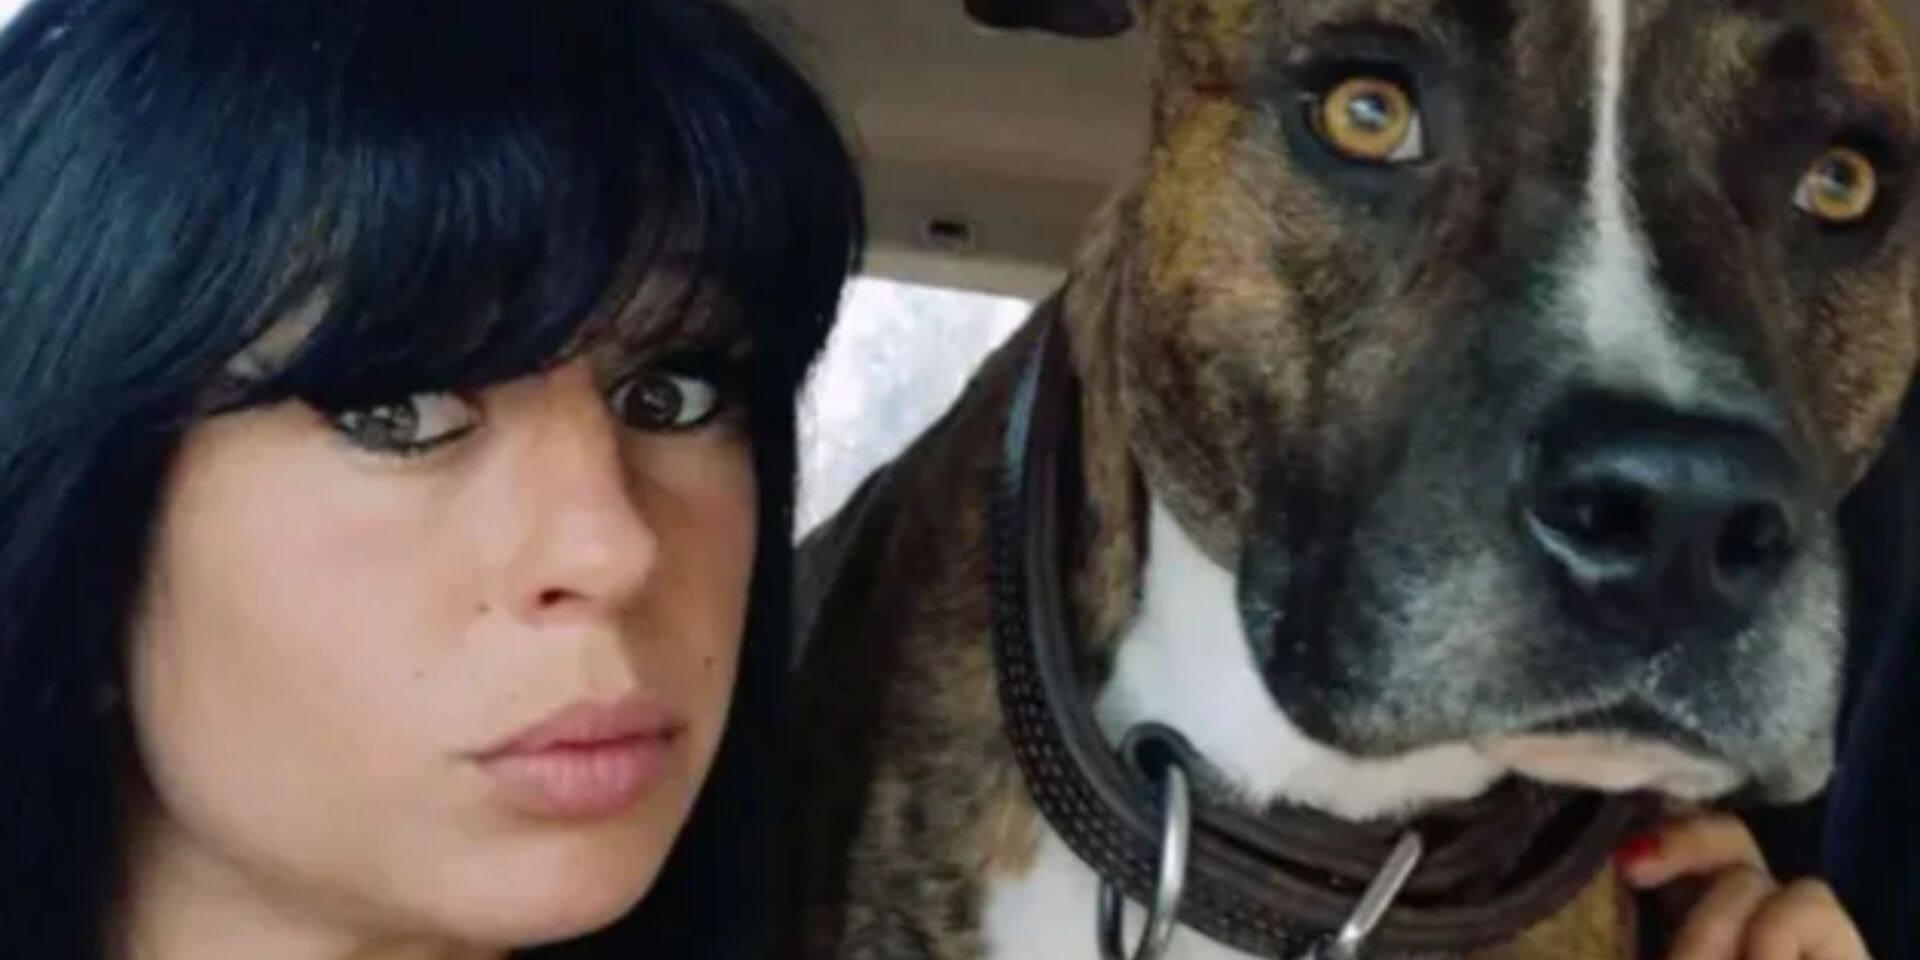 Affaire Elisa Pilarski, la jeune femme tuée par des morsures de chiens: son compagnon en examen pour homicide involontaire